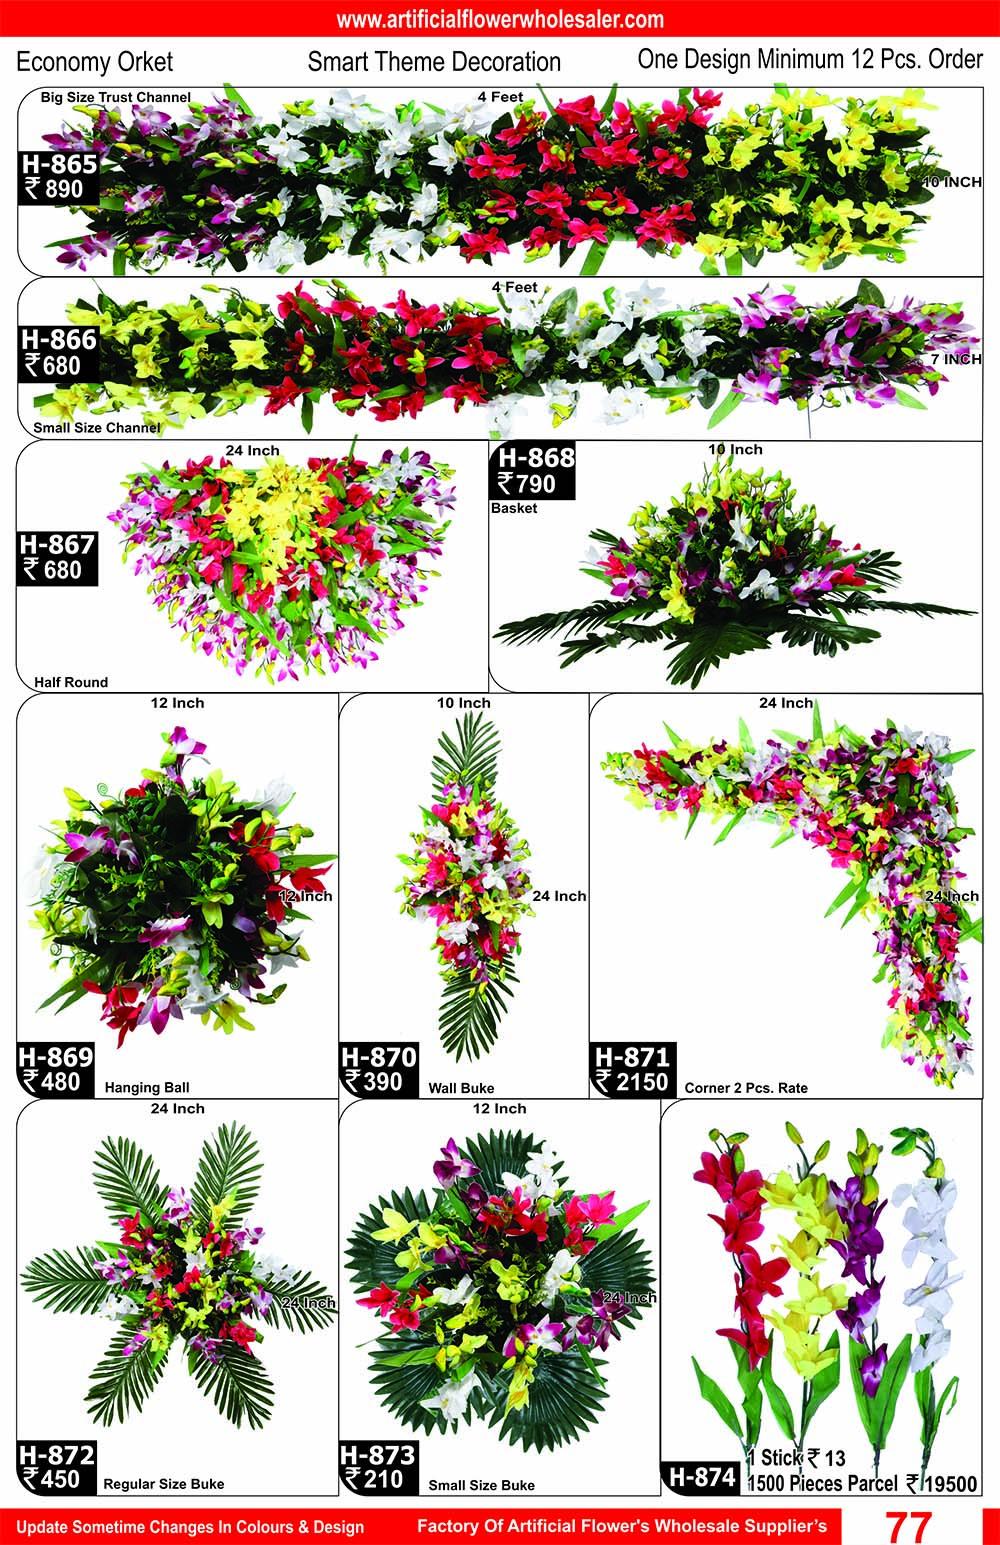 77-artificial-flower-wholesaler